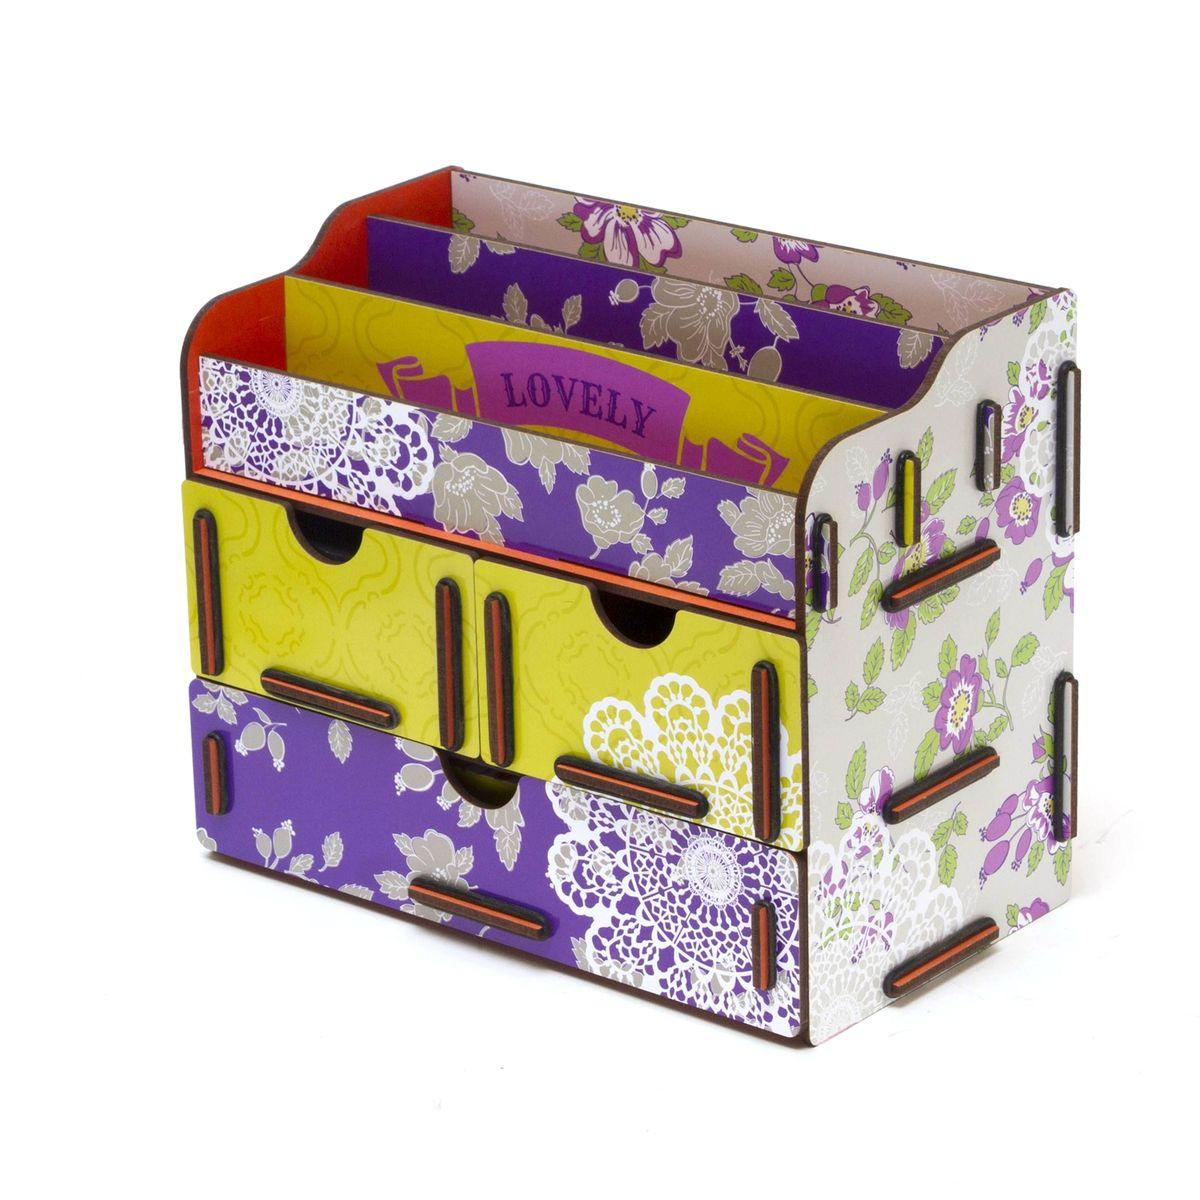 Шкатулка для косметики и украшений Homsu Love, 24 x 14 x 19 смHOM-66Шкатулка Homsu Love выполнена из МДФ. Шкатулка для косметики и украшений благодаря двум маленьким ящикам и одному большому ящику, позволяет разместить все самое необходимое для женщины и всегда иметь это под рукой. Это оригинальное изделие имеет также 3 полочки сверху для хранения косметики, парфюмерии и аксессуаров, его можно поставить на столе, он станет отличным дополнением интерьера.